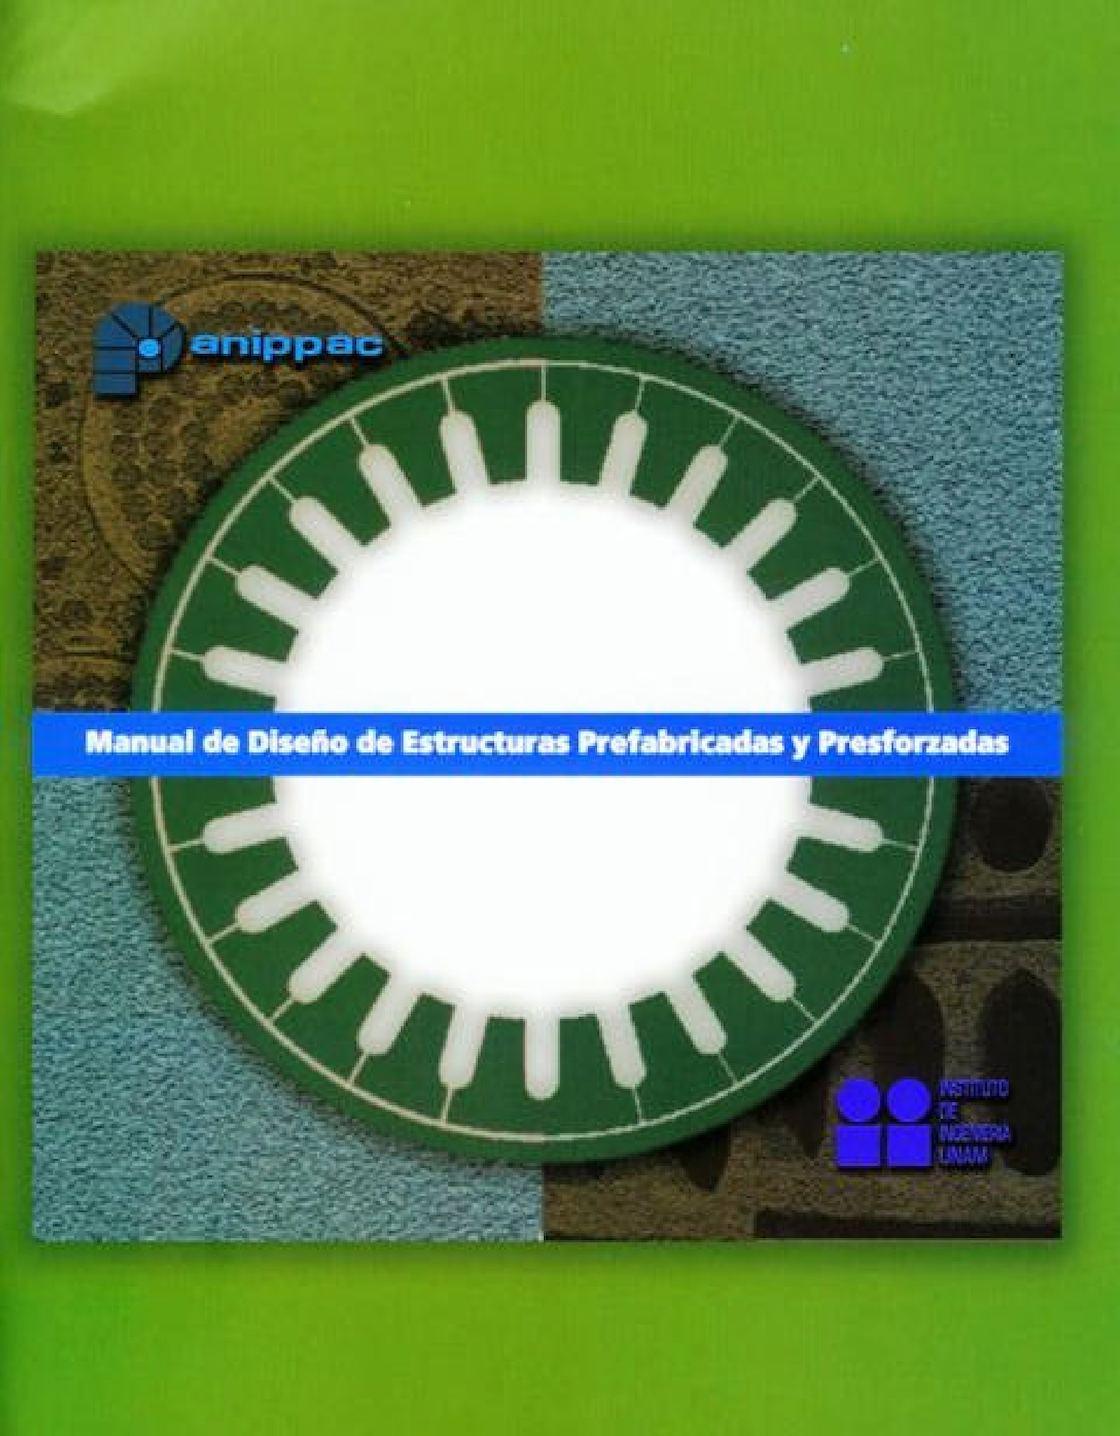 Calaméo - Manual De Diseno De Estructuras Prefabricadas Y Presforzadas